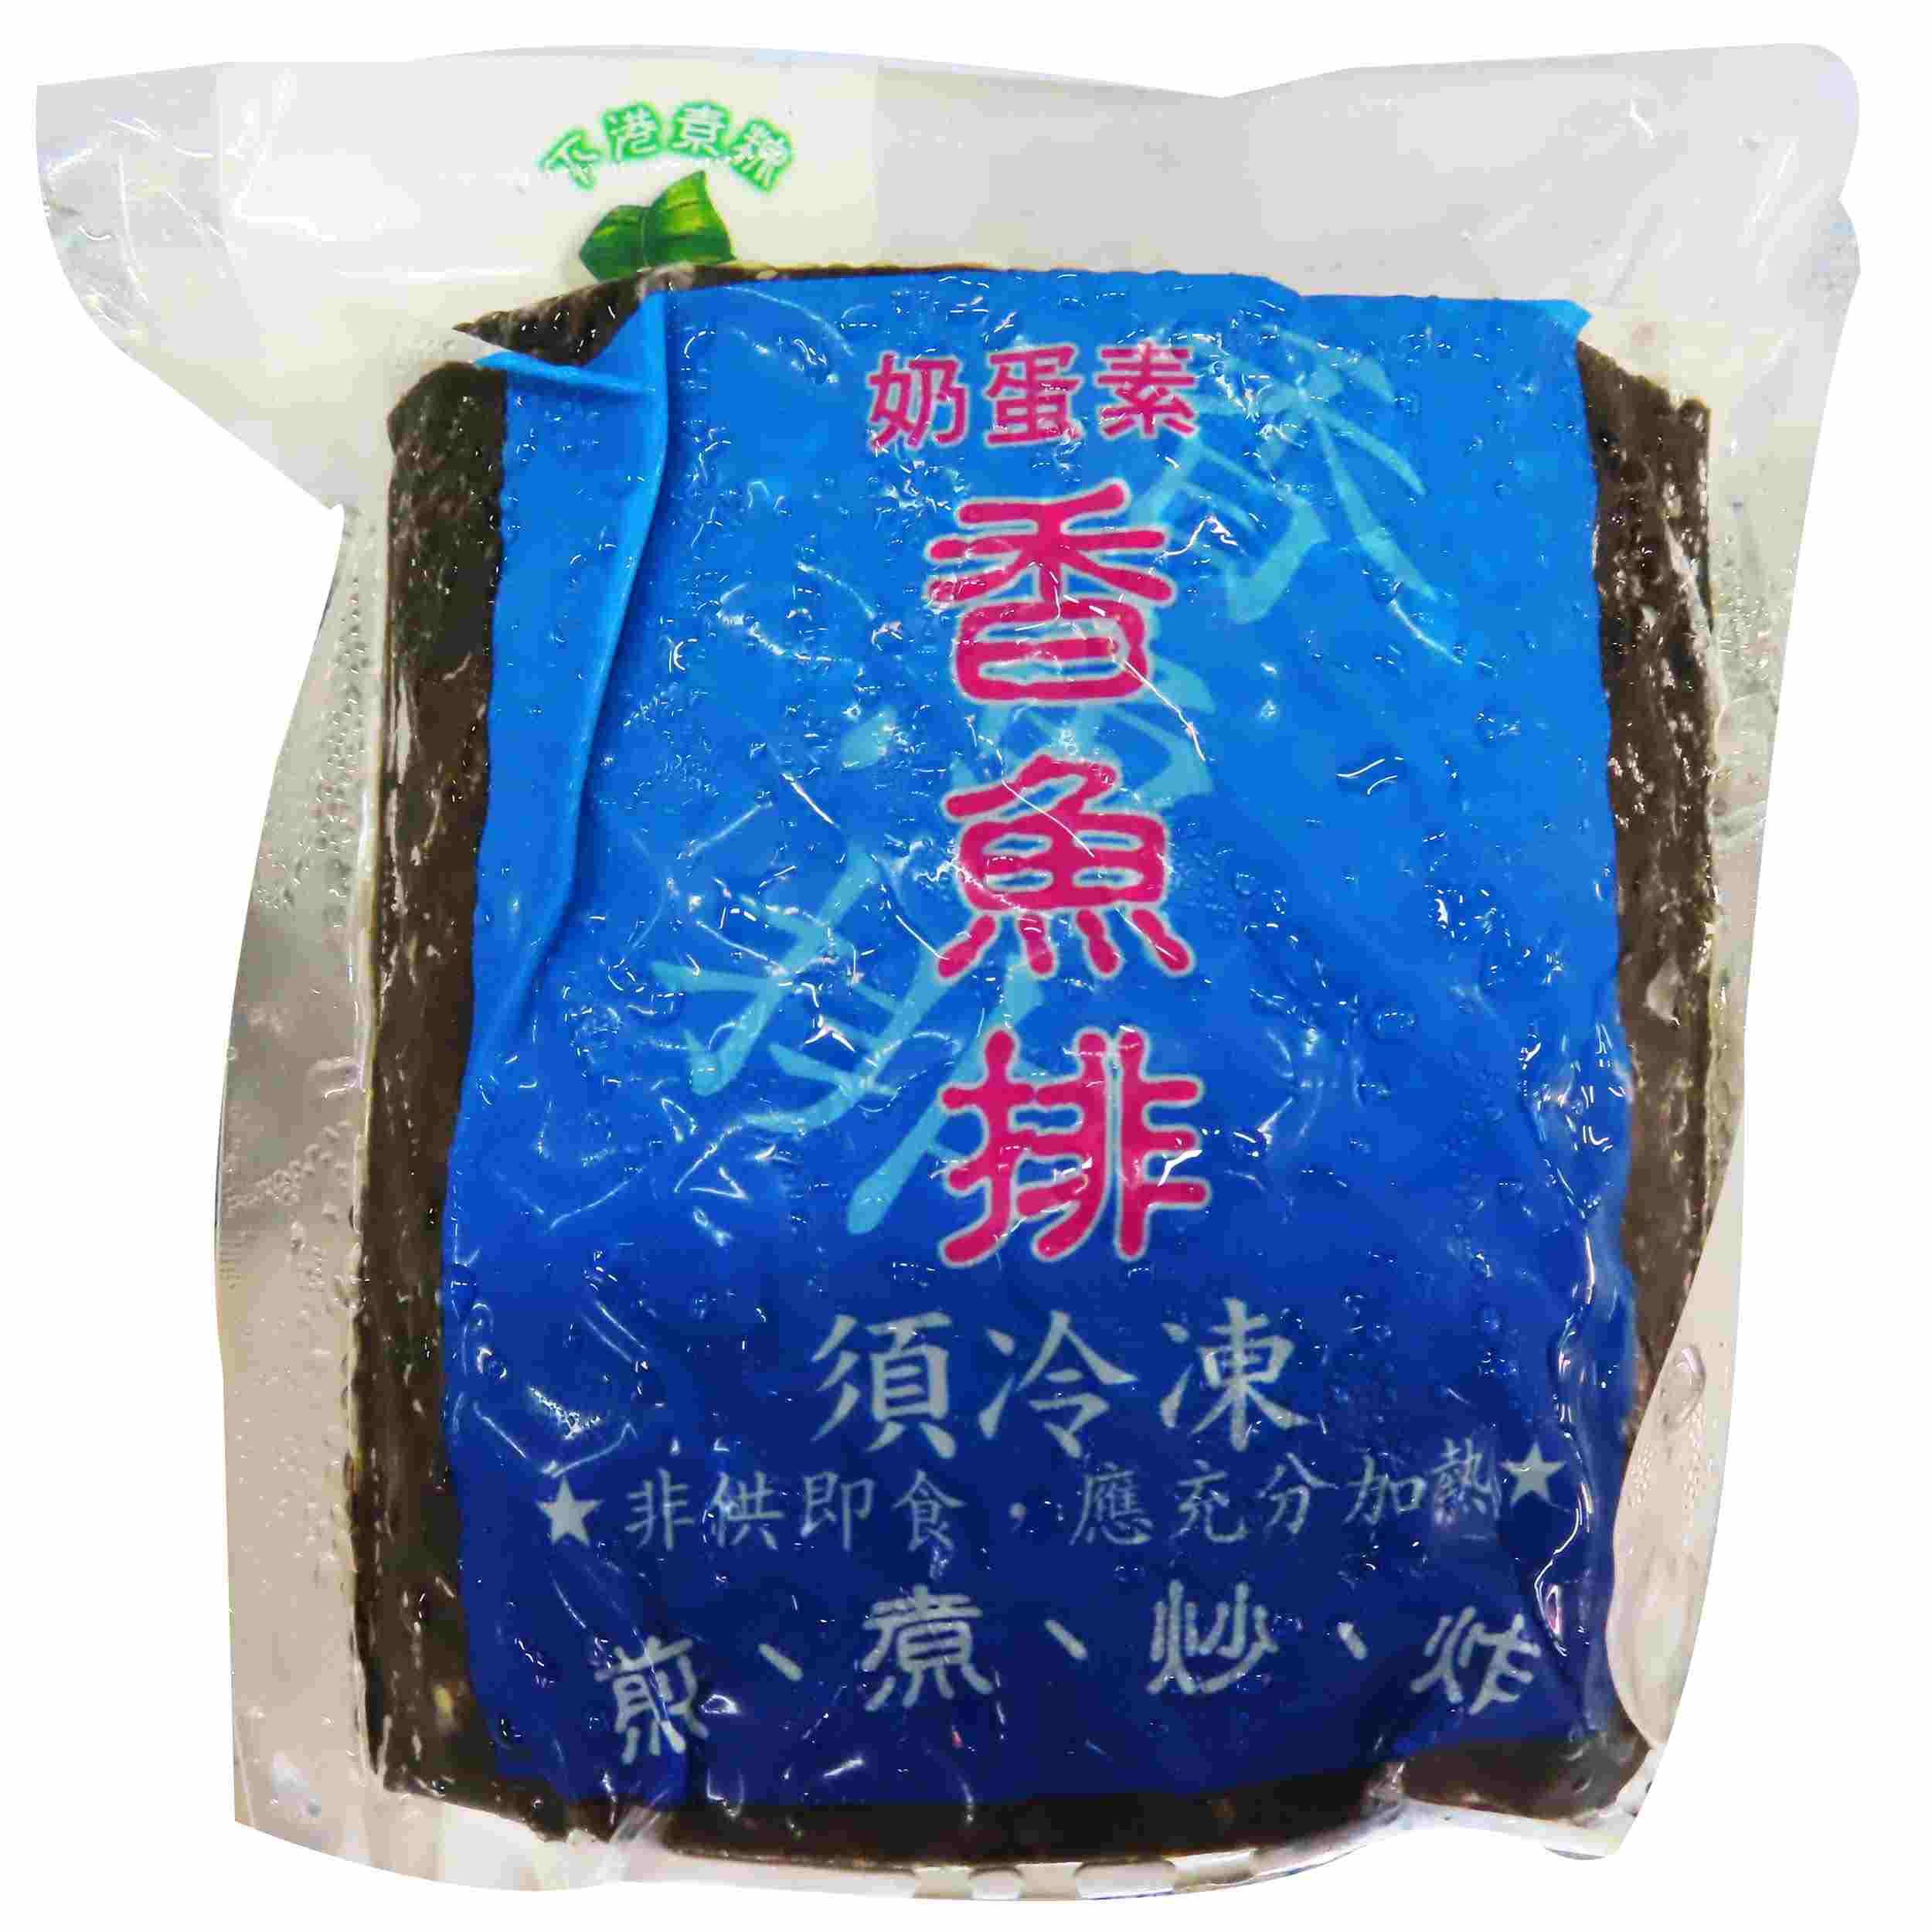 Image Fish Filet 诚兴-香鱼排(台湾)500grams